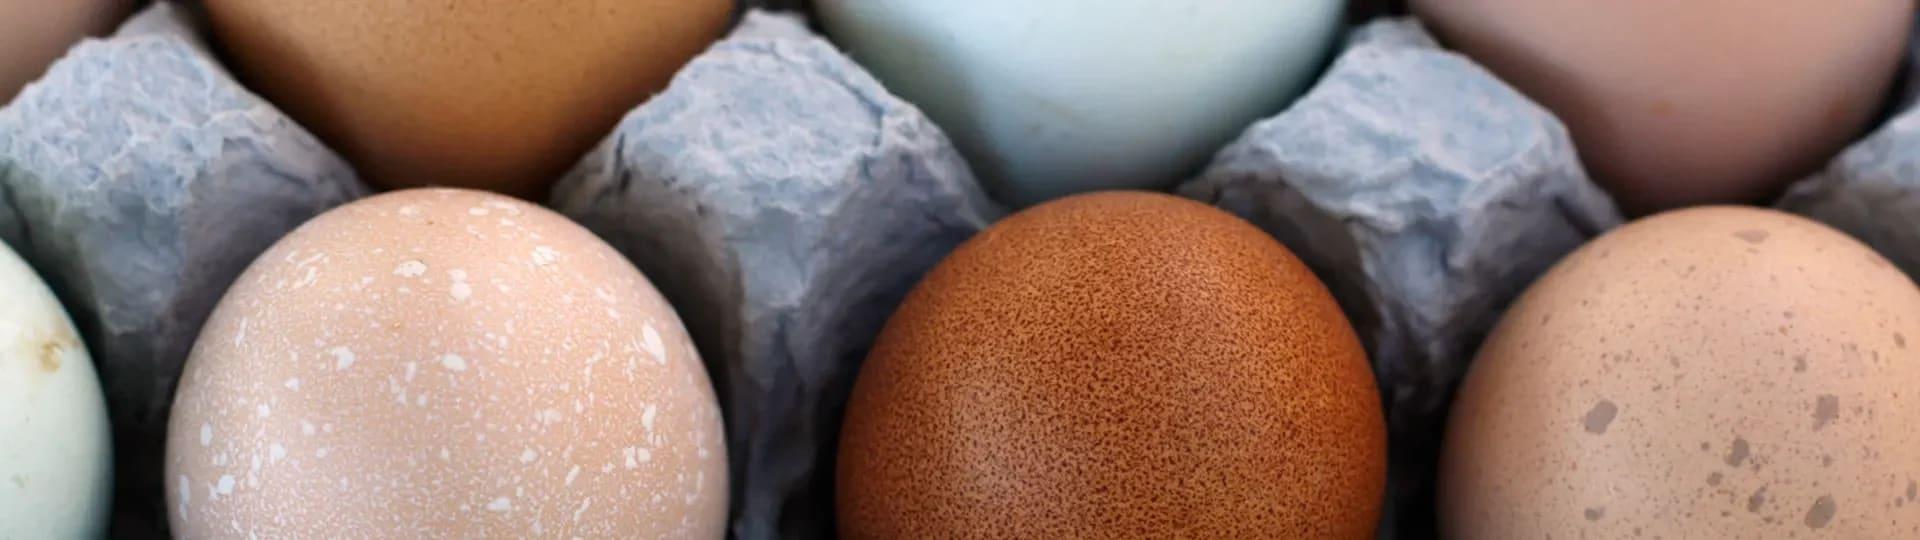 hur länge håller kokta ägg